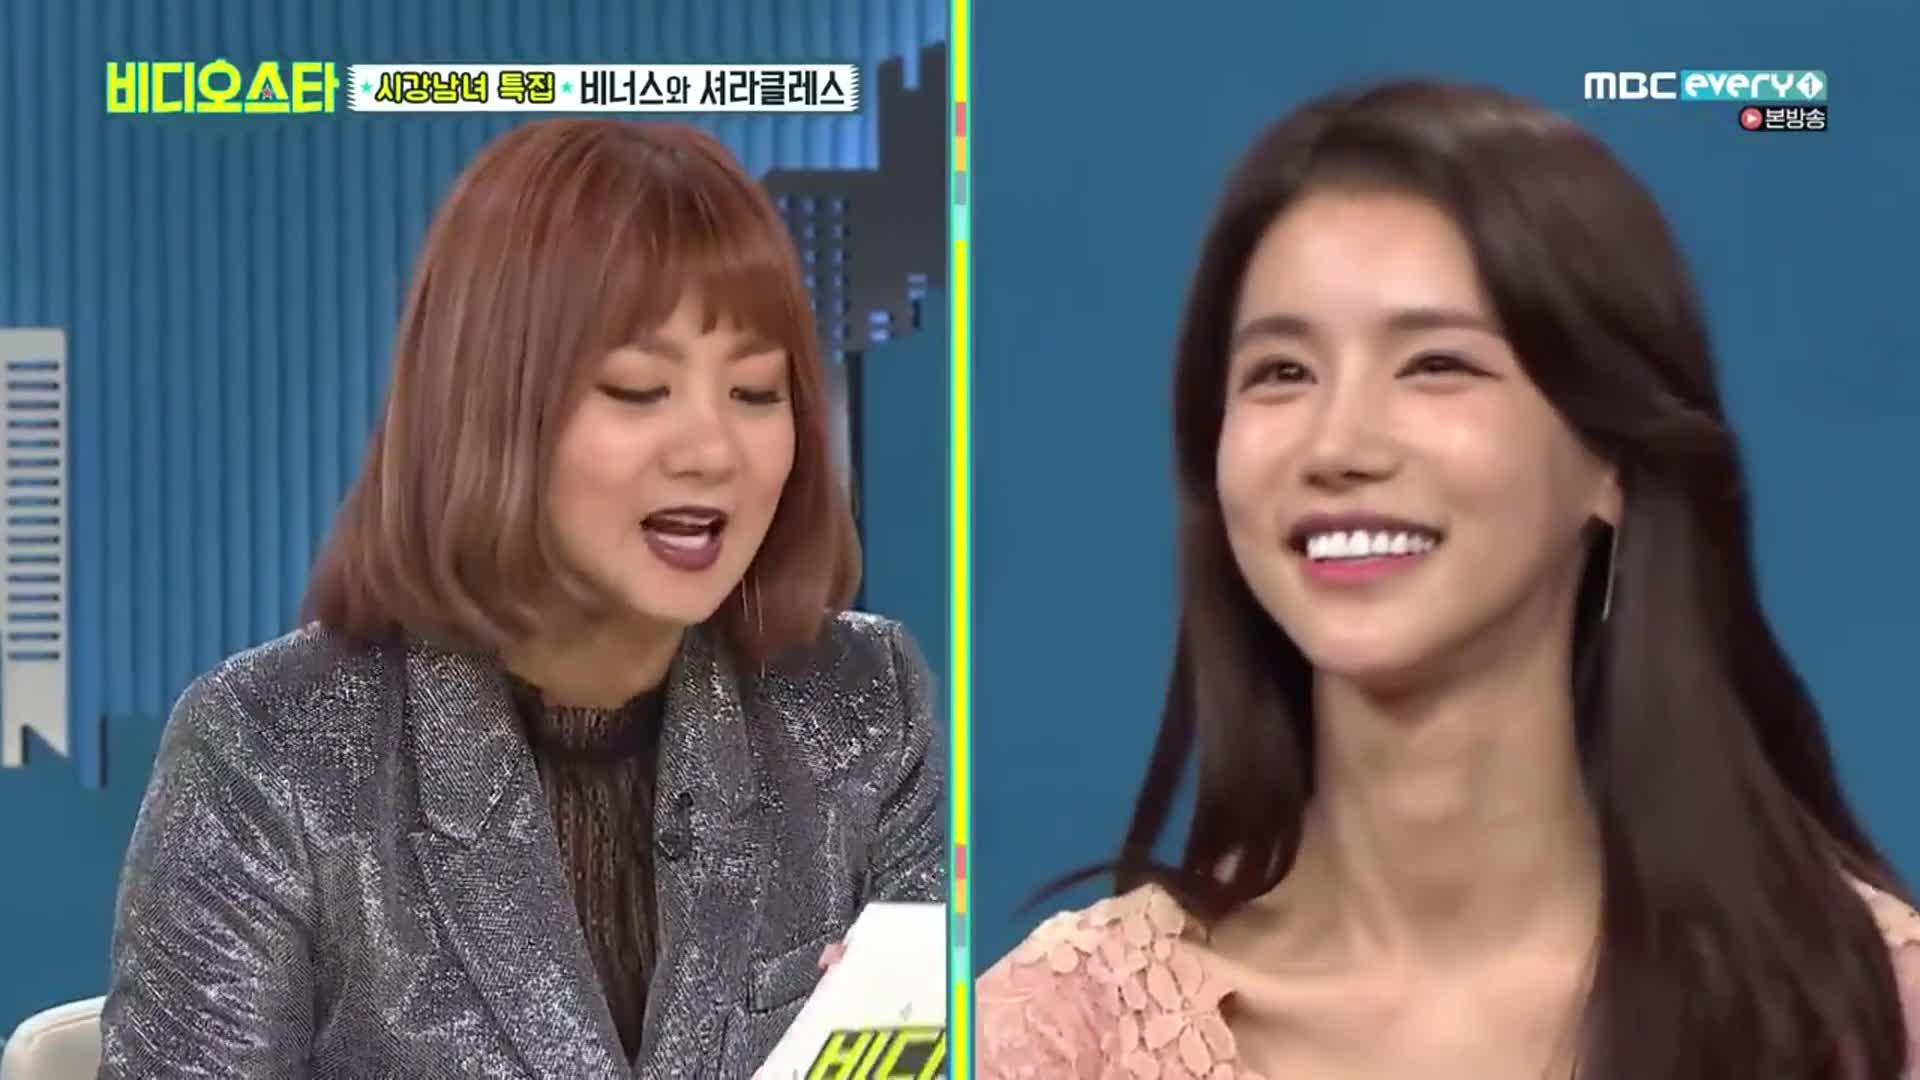 Han eun jung and kim dong wan dating